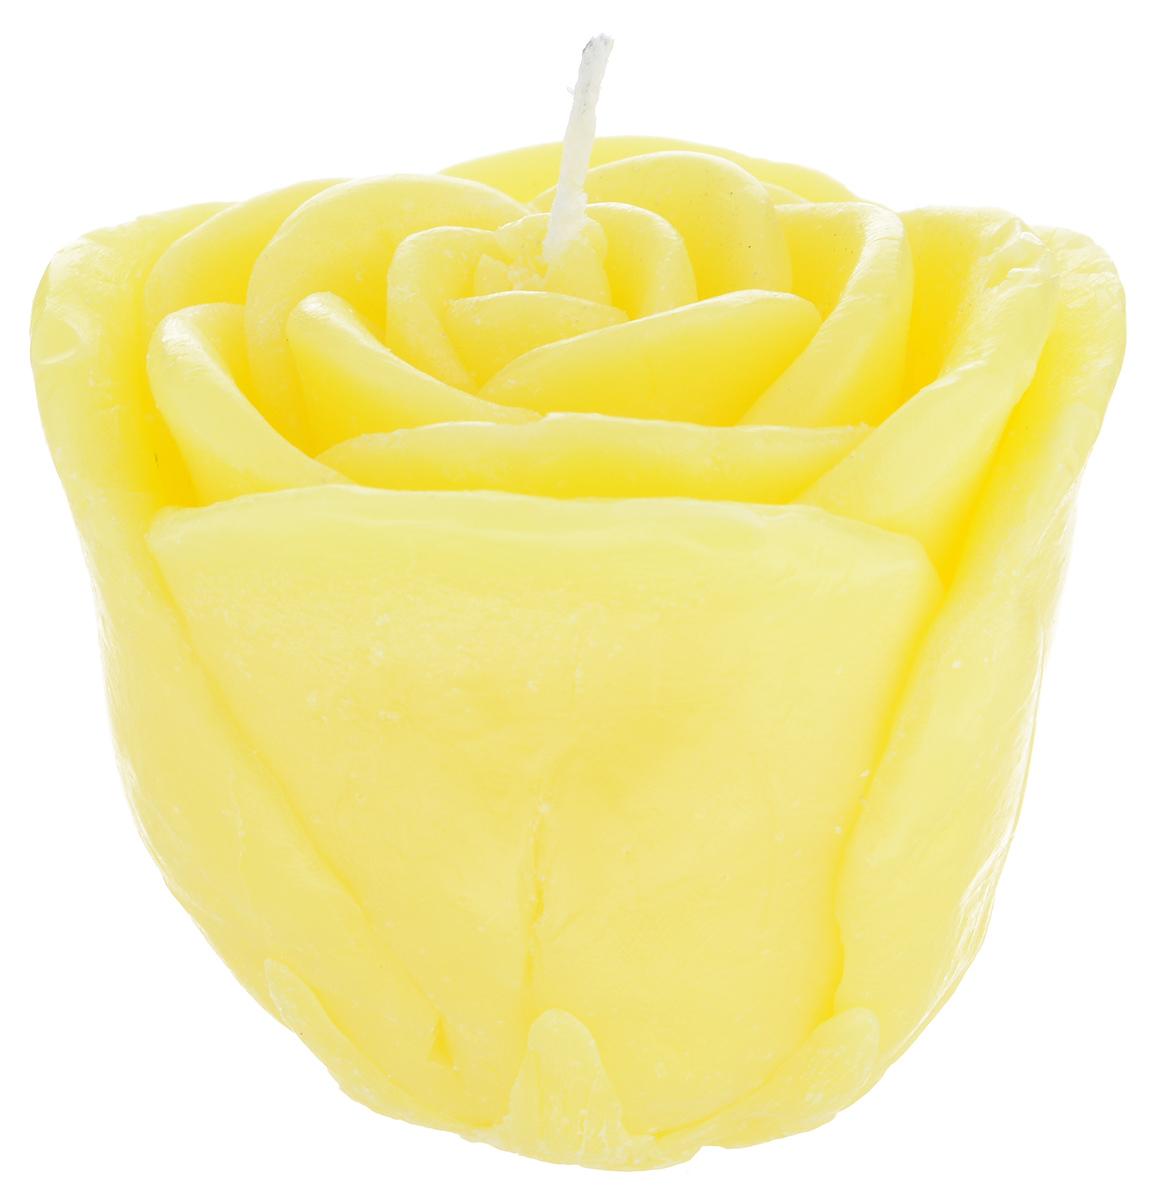 Свеча декоративная Proffi Большая роза, цвет: желтый, 7 х 7 х 6 смPH5924Декоративная свеча Proffi Большая роза изготовлена из парафина и стеарина, а фитиль из хлопка. Изделие выполнено в виде розы. Предназначена для освещения и украшения помещений. Такая свеча может стать отличным подарком или дополнить интерьер вашей спальни или гостиной.